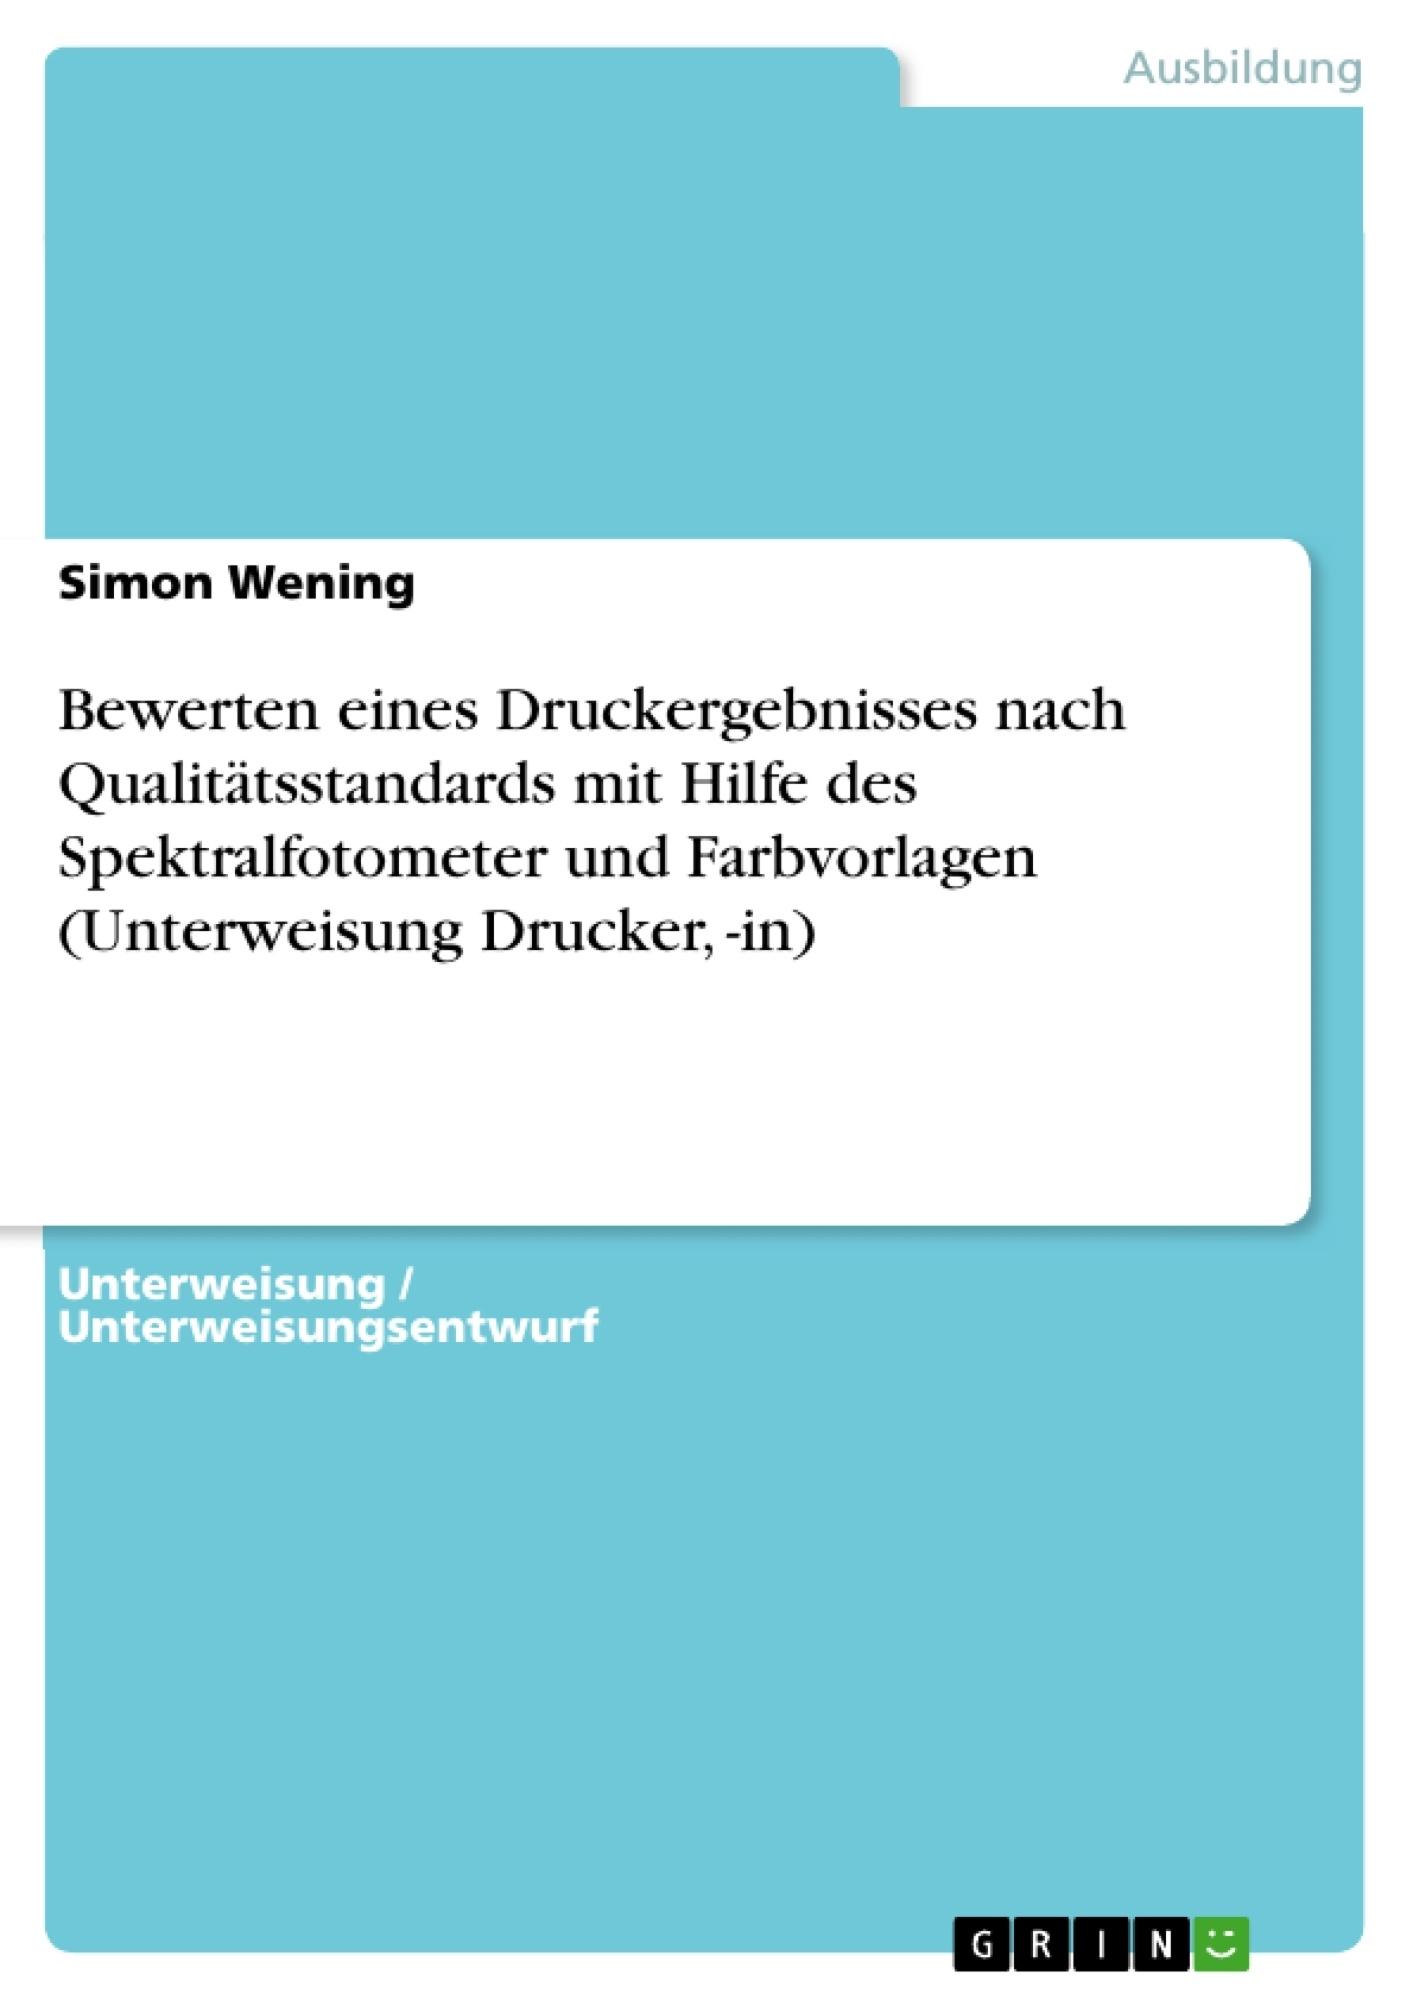 Titel: Bewerten eines Druckergebnisses nach Qualitätsstandards mit Hilfe des Spektralfotometer und Farbvorlagen (Unterweisung Drucker, -in)